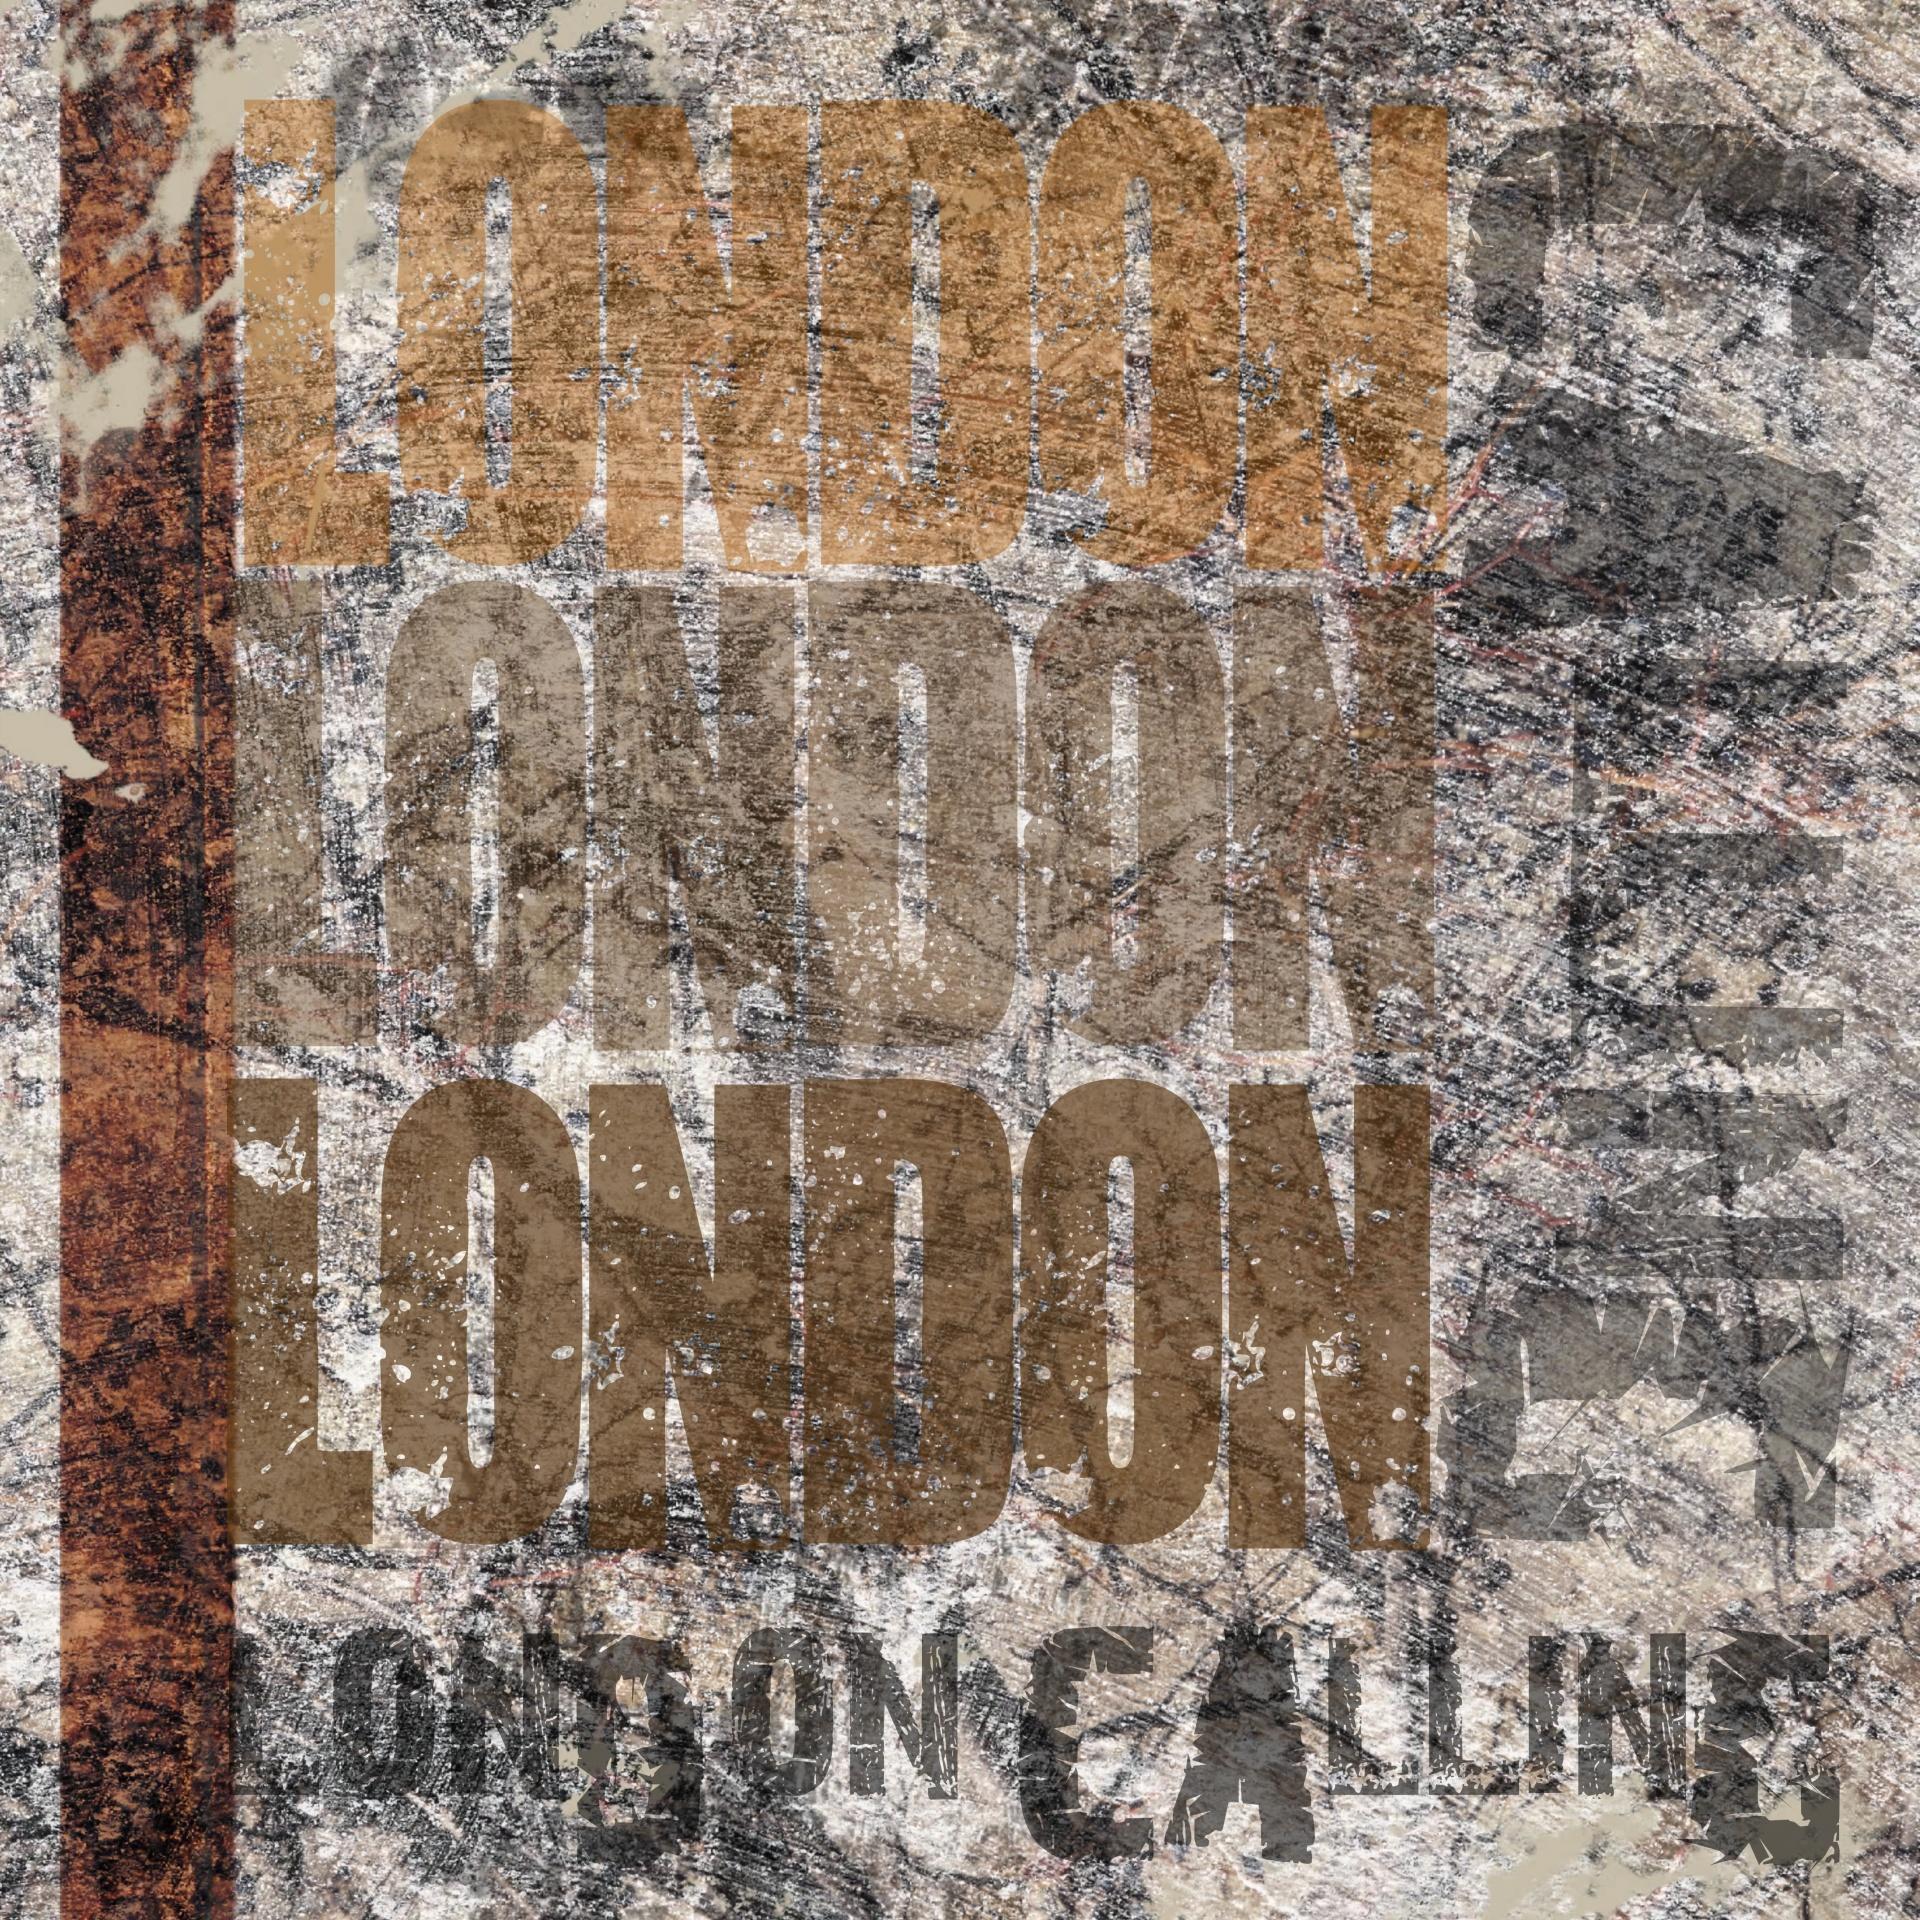 High Resolution Wallpaper | Grunge Art 1920x1920 px